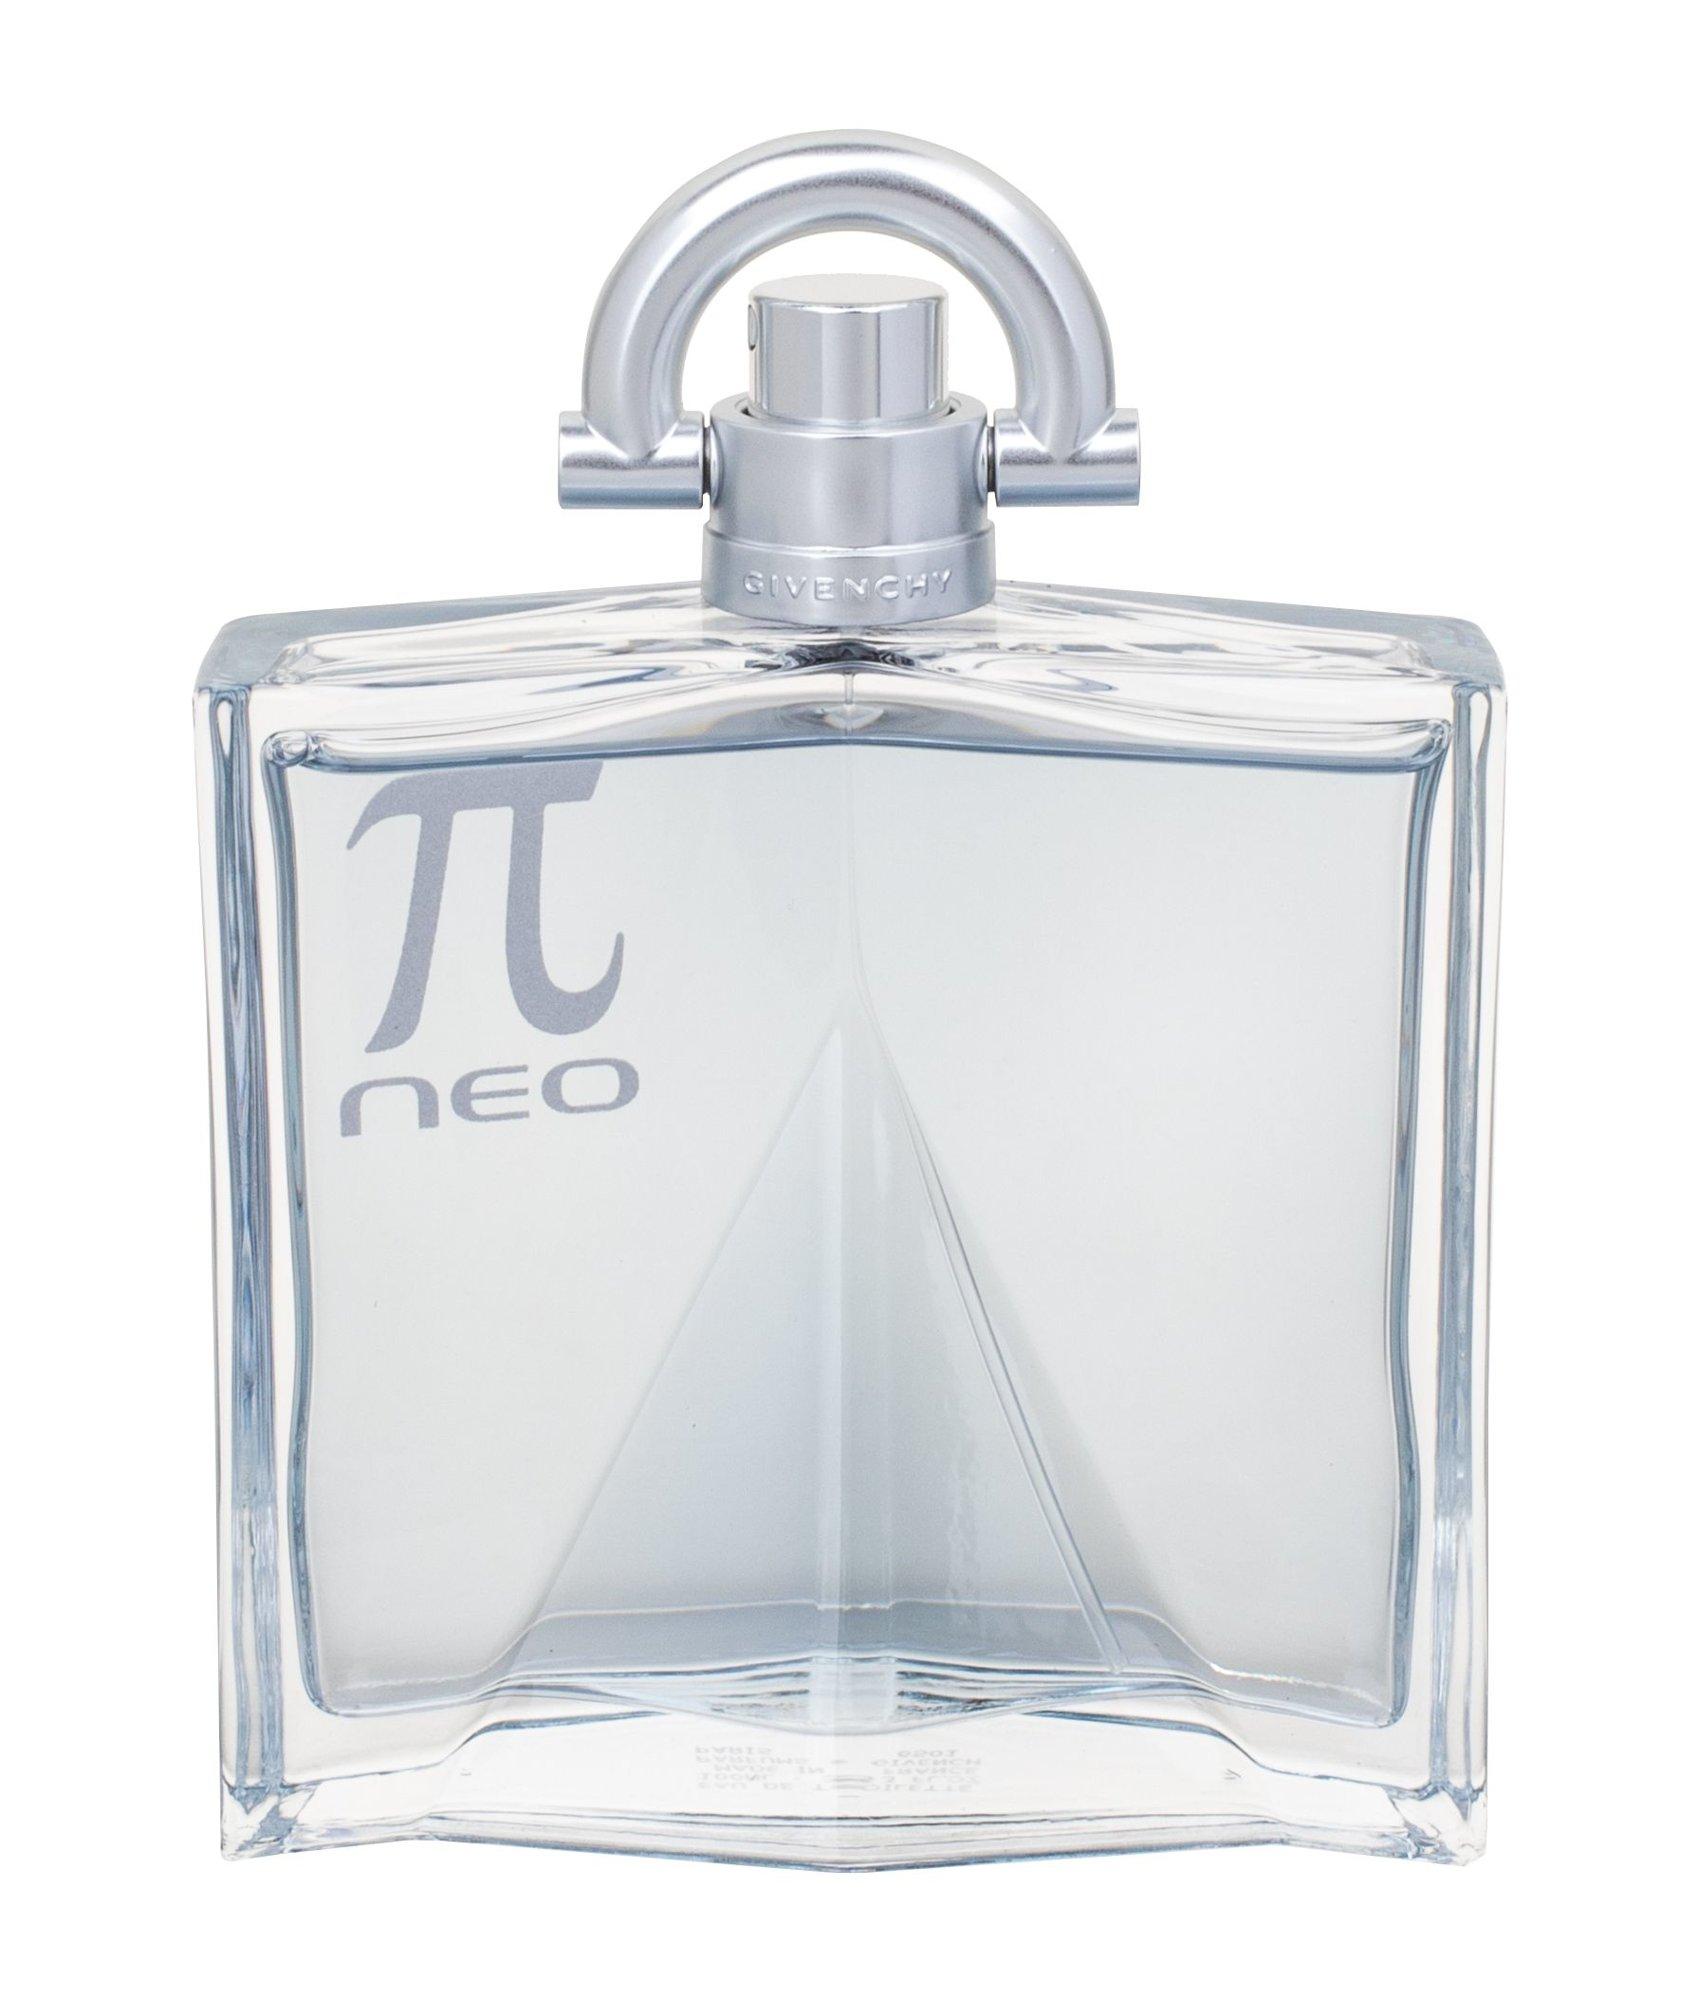 Givenchy Pí Neo, Toaletná voda 100ml, Tester